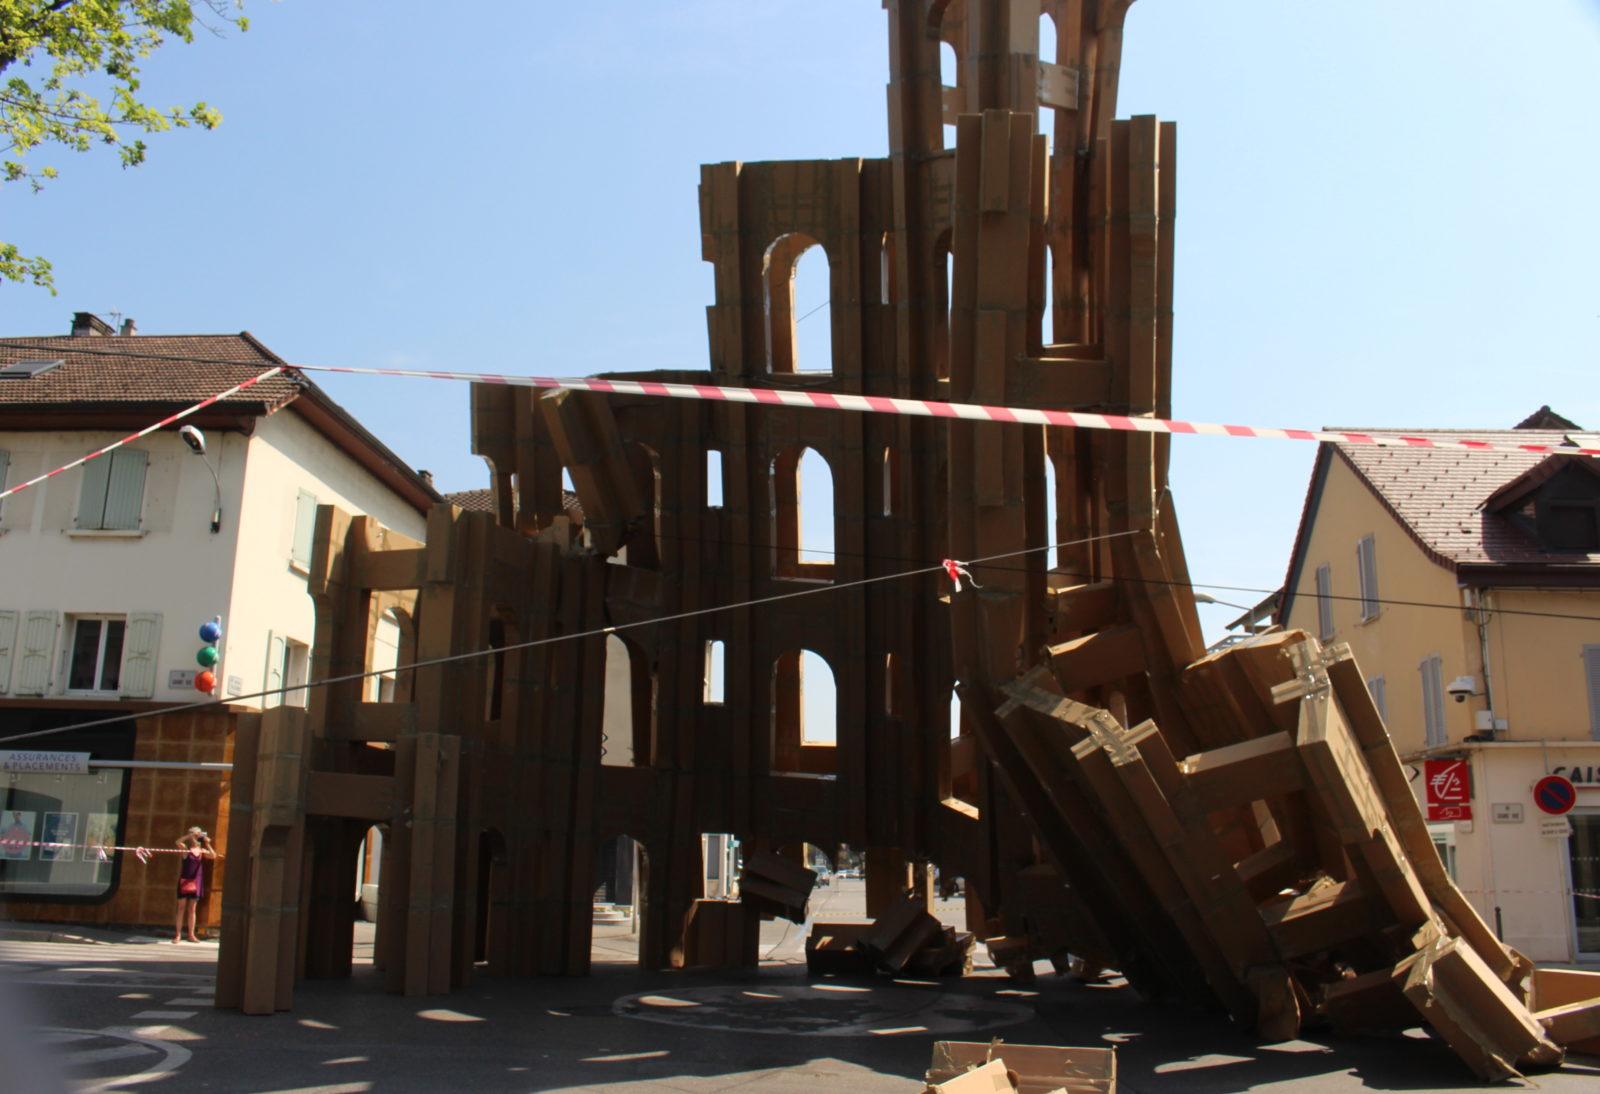 Ferney-Voltaire le château en carton s'effondre